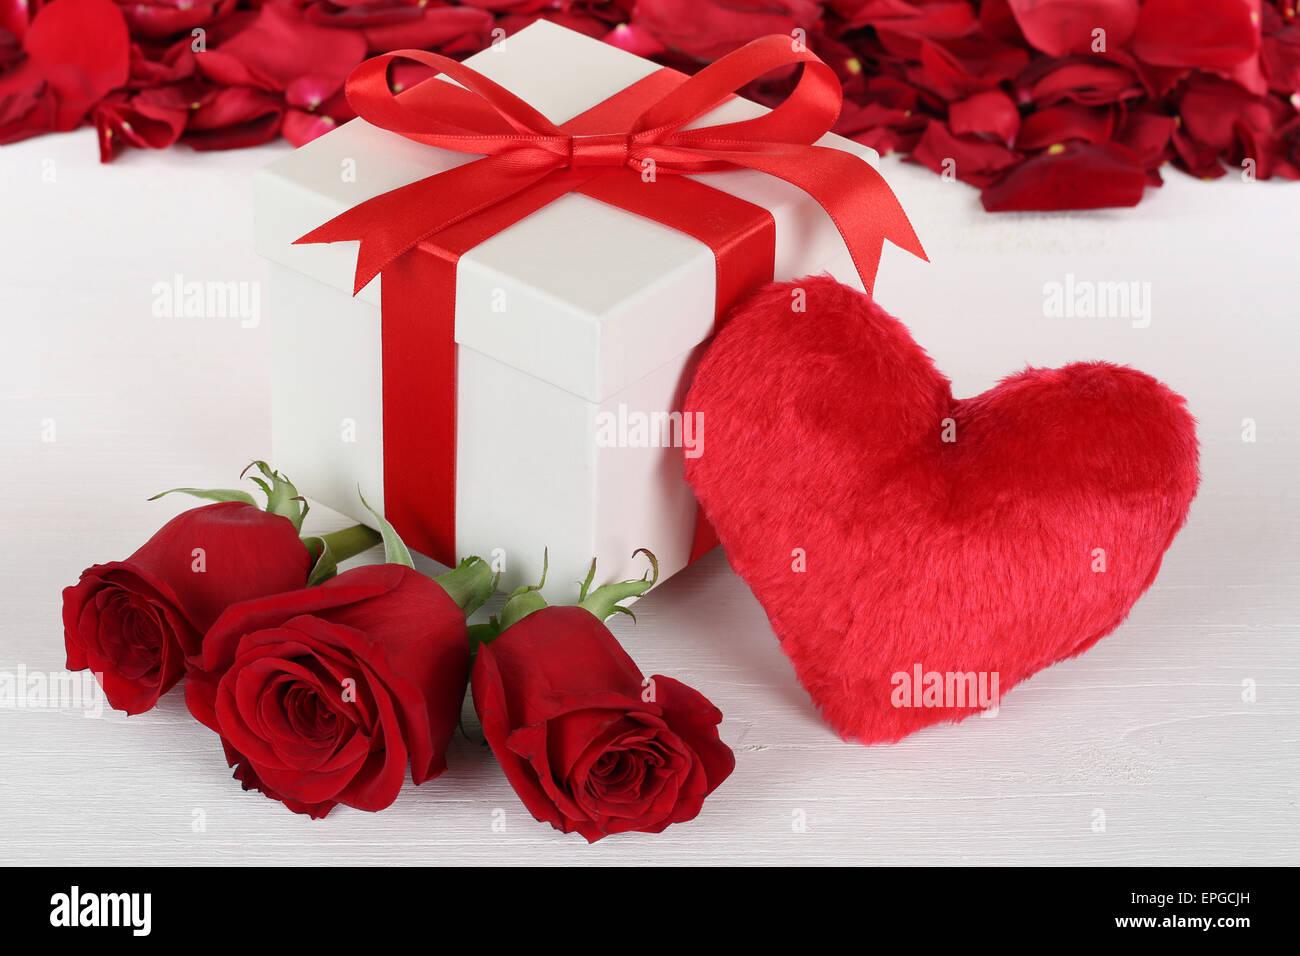 Geschenk mit herz und rosen zum geburtstag muttertag oder - Geschenk 70 geburtstag mutter ...